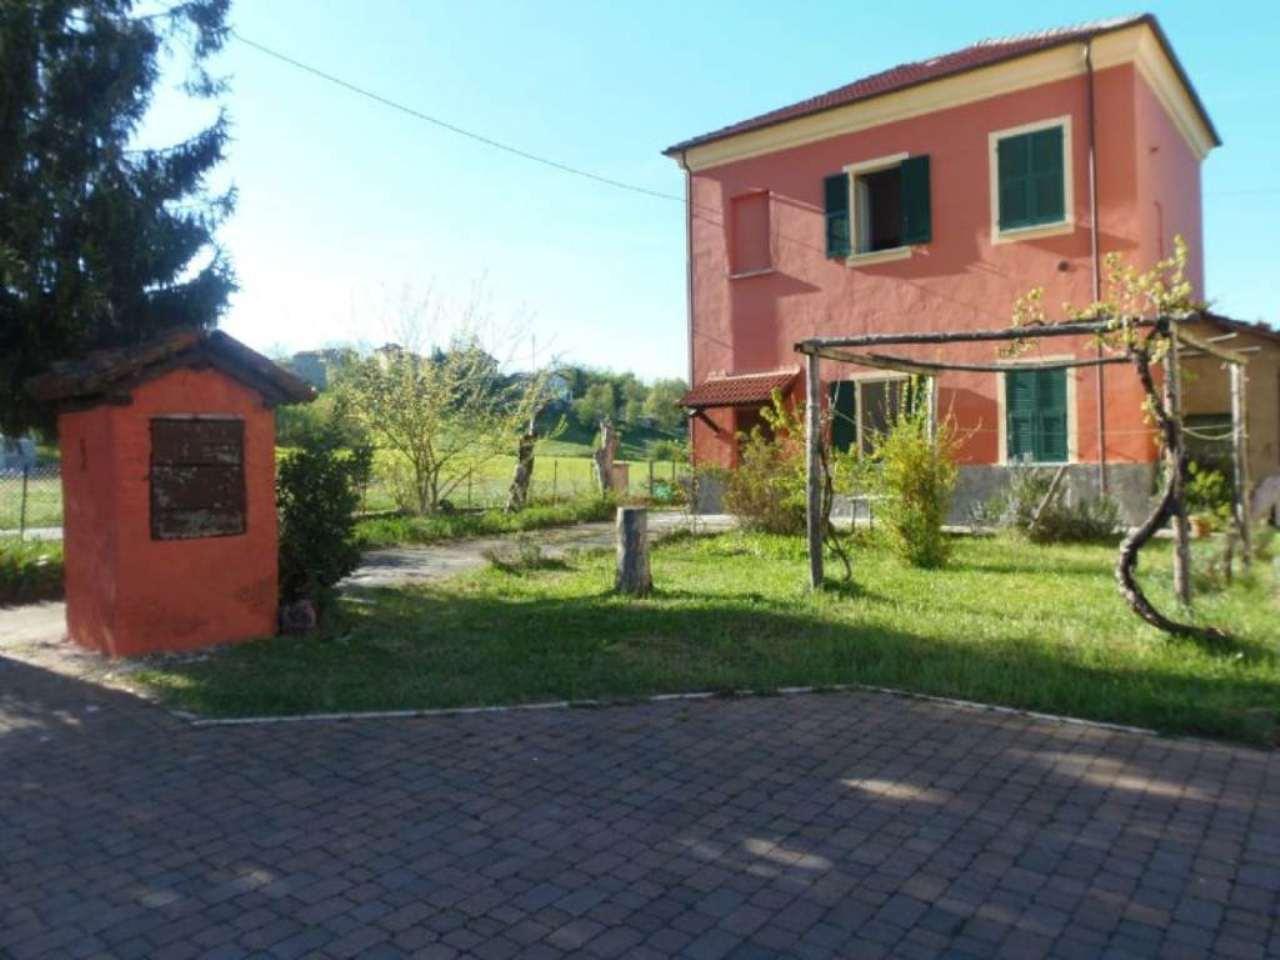 Soluzione Indipendente in vendita a Molare, 4 locali, prezzo € 120.000 | Cambio Casa.it